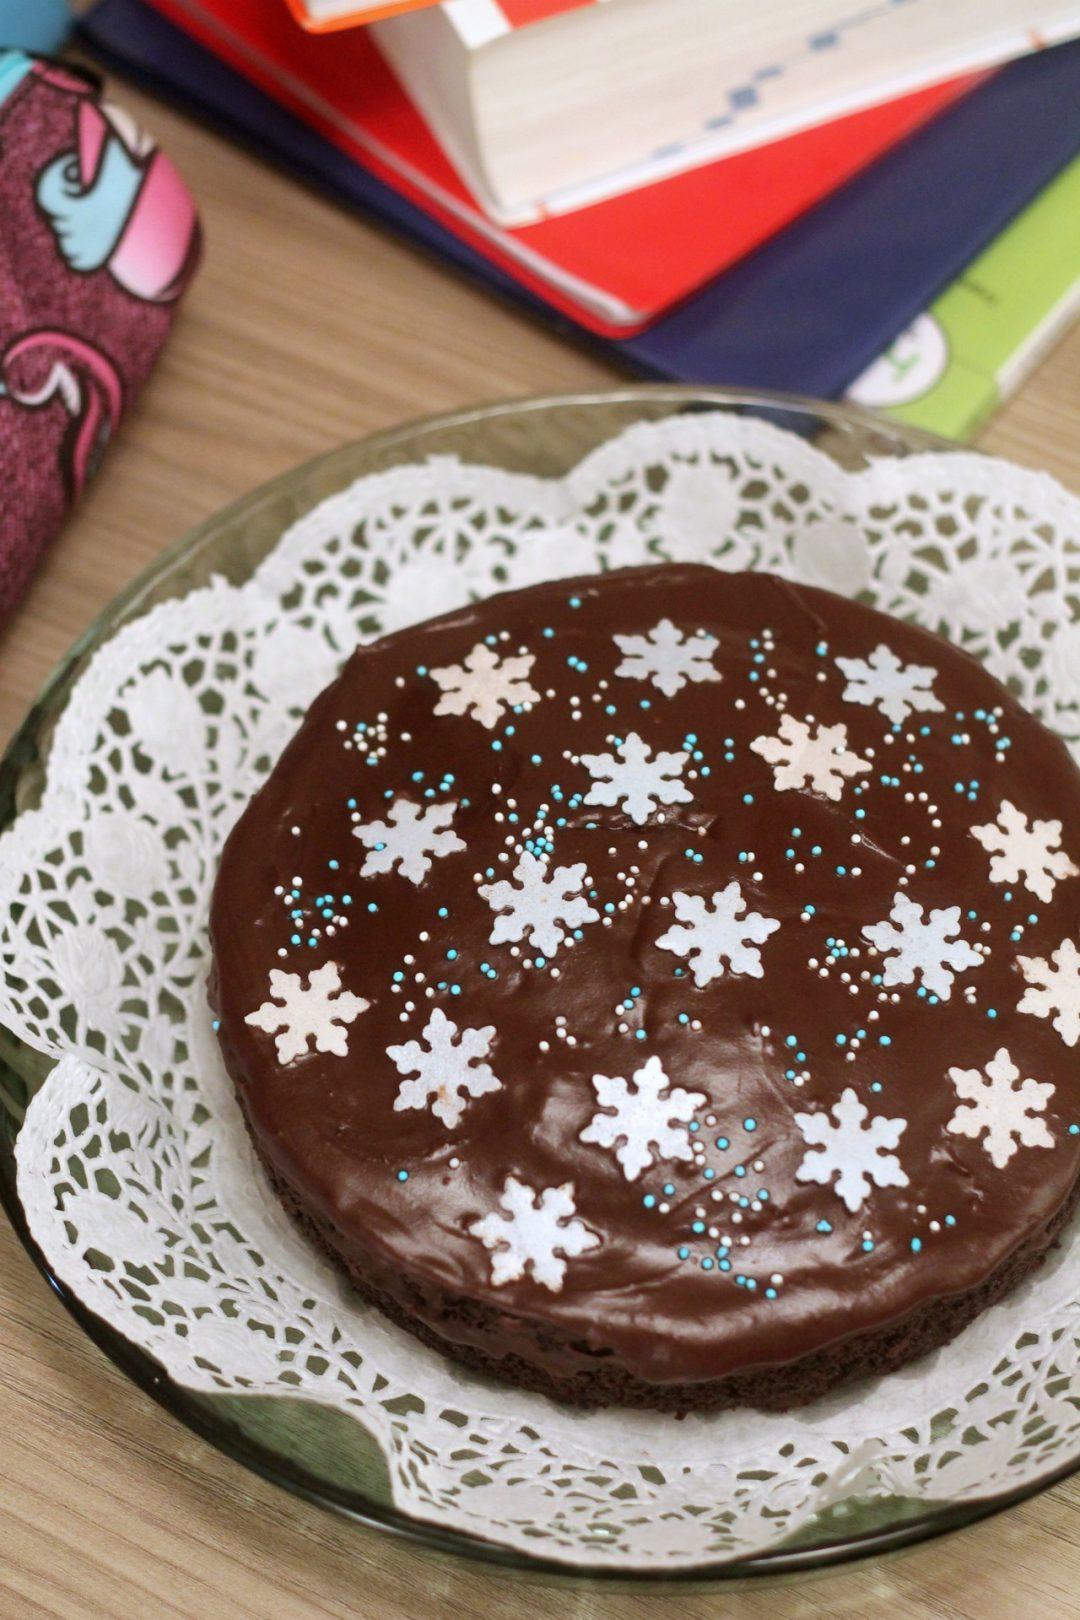 torta-vegan-al-cioccolato